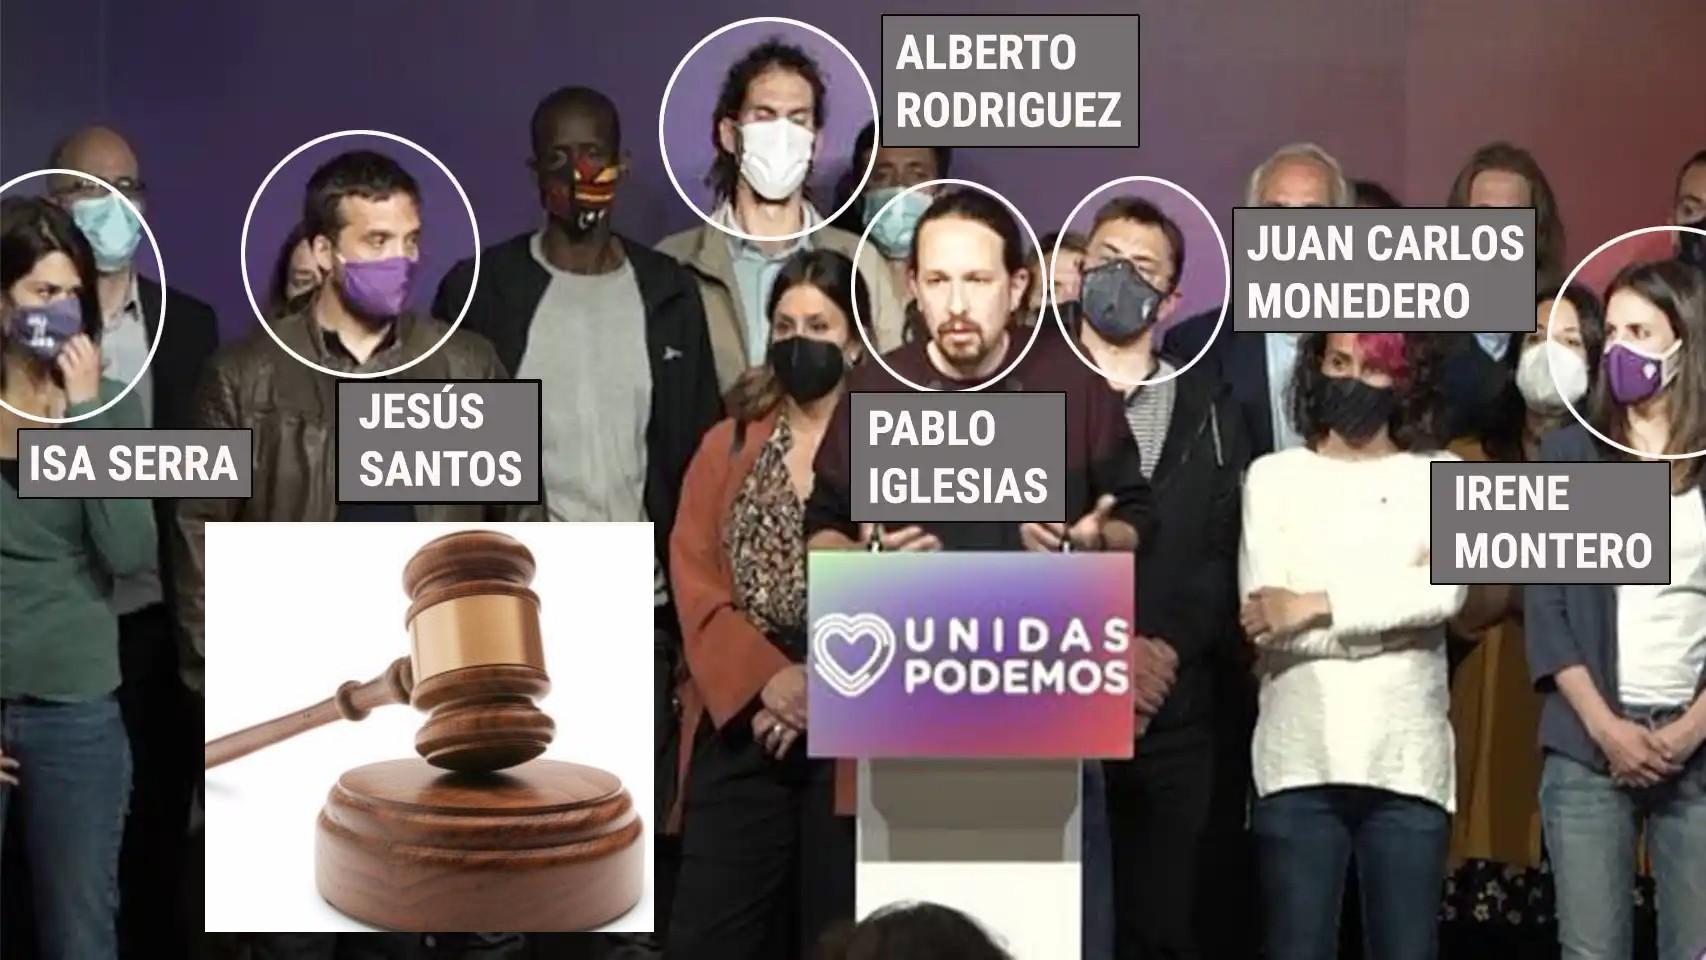 La 'foto-matón' de Podemos: Iglesias y otros facinerosos